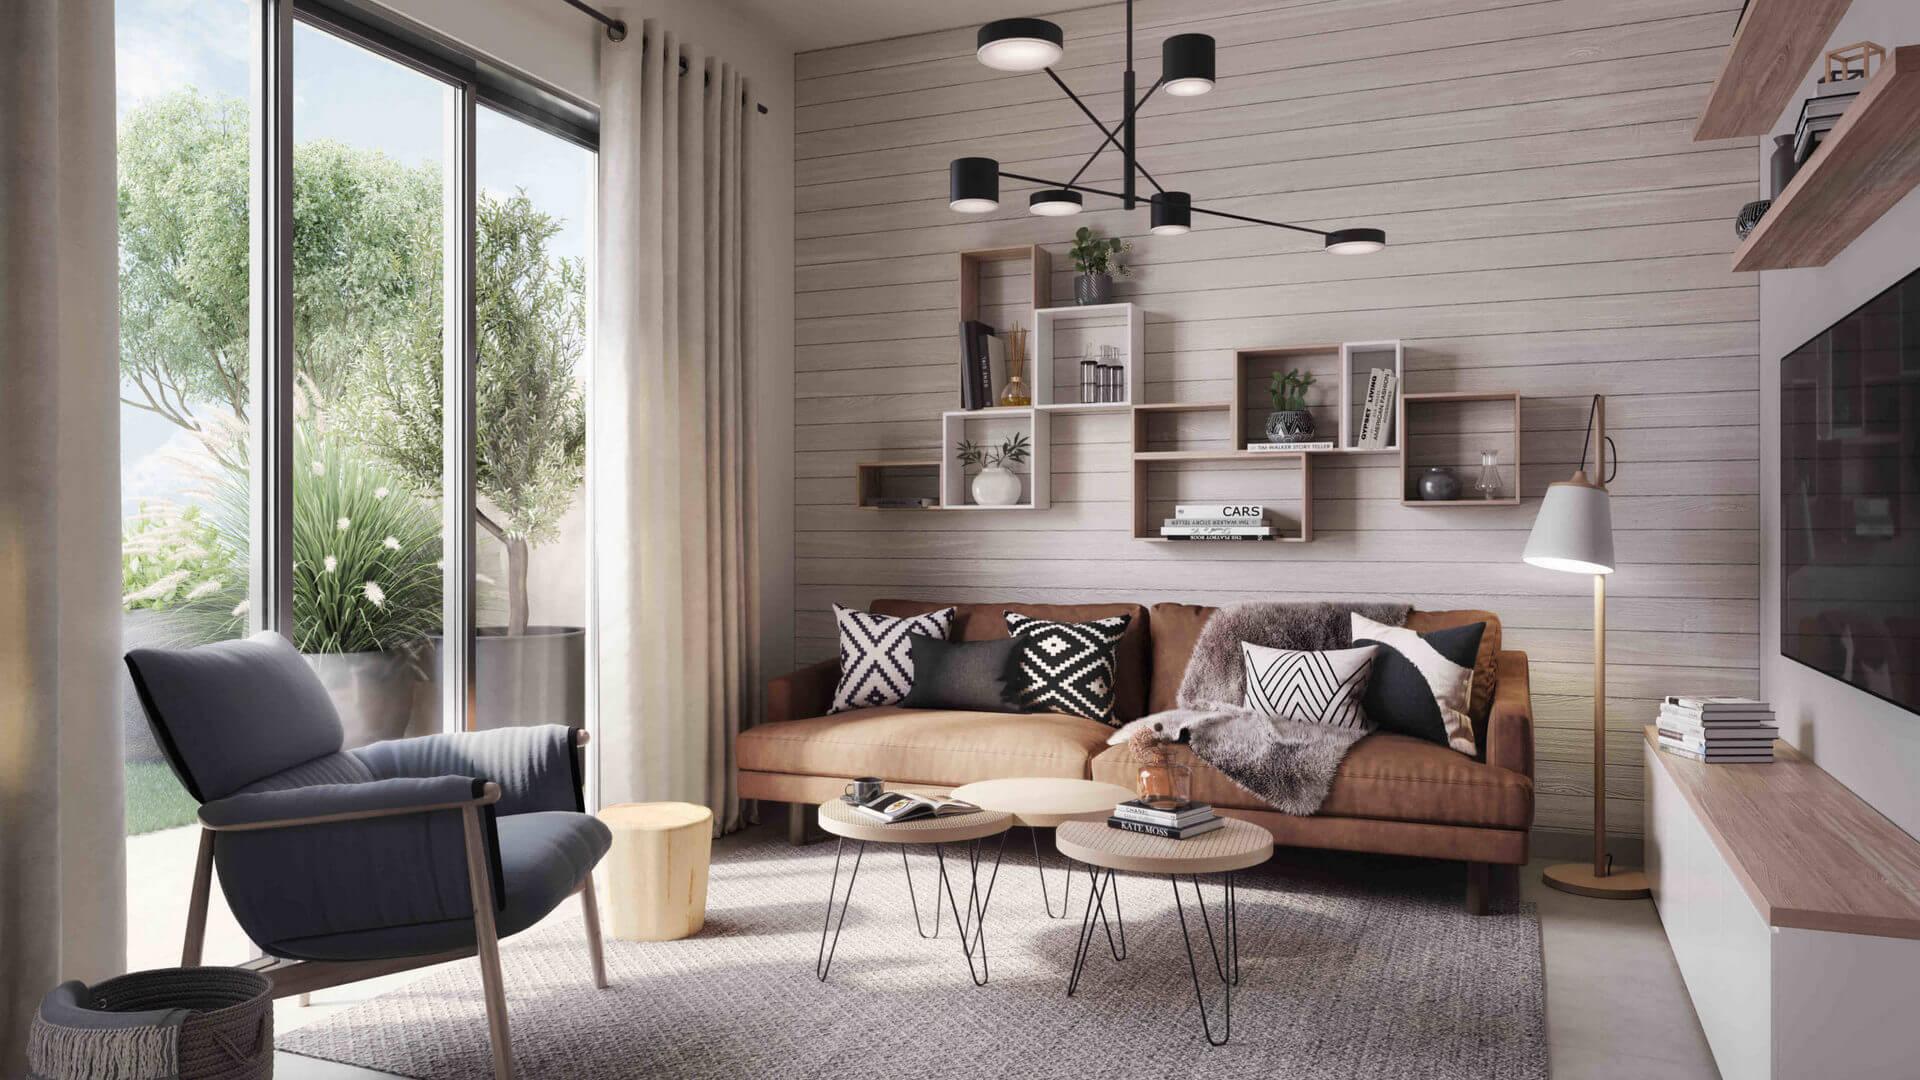 Villa en venta en Dubai, EAU, 3 dormitorios, 175 m2, № 24048 – foto 3